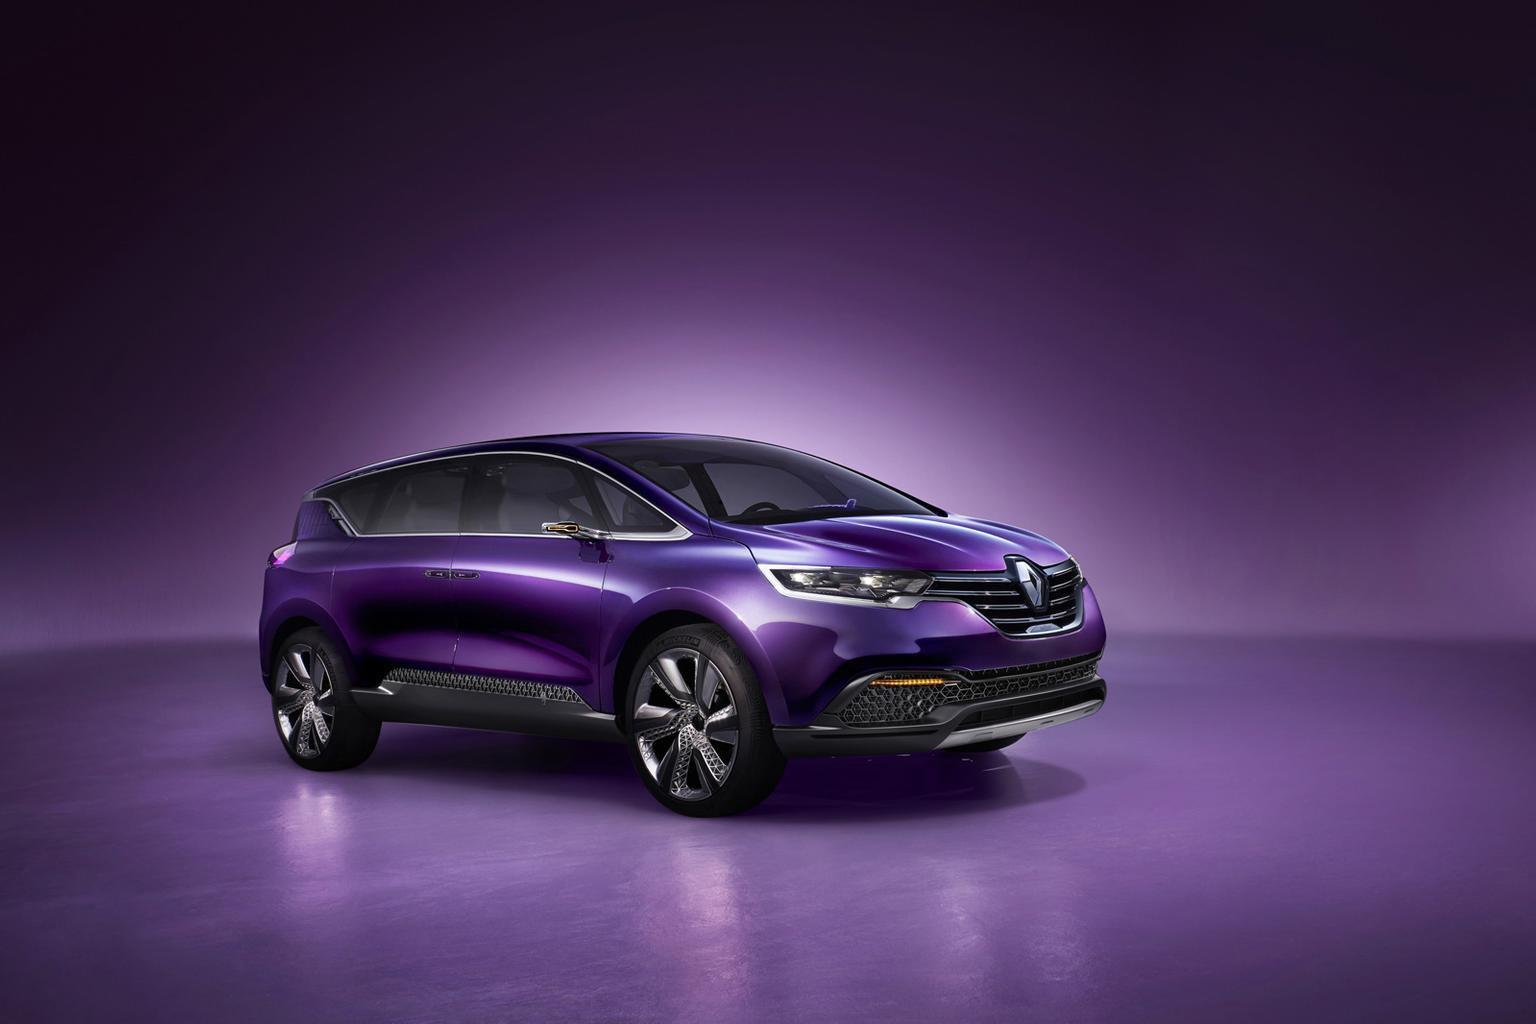 Renault Initiale concept previews next Espace